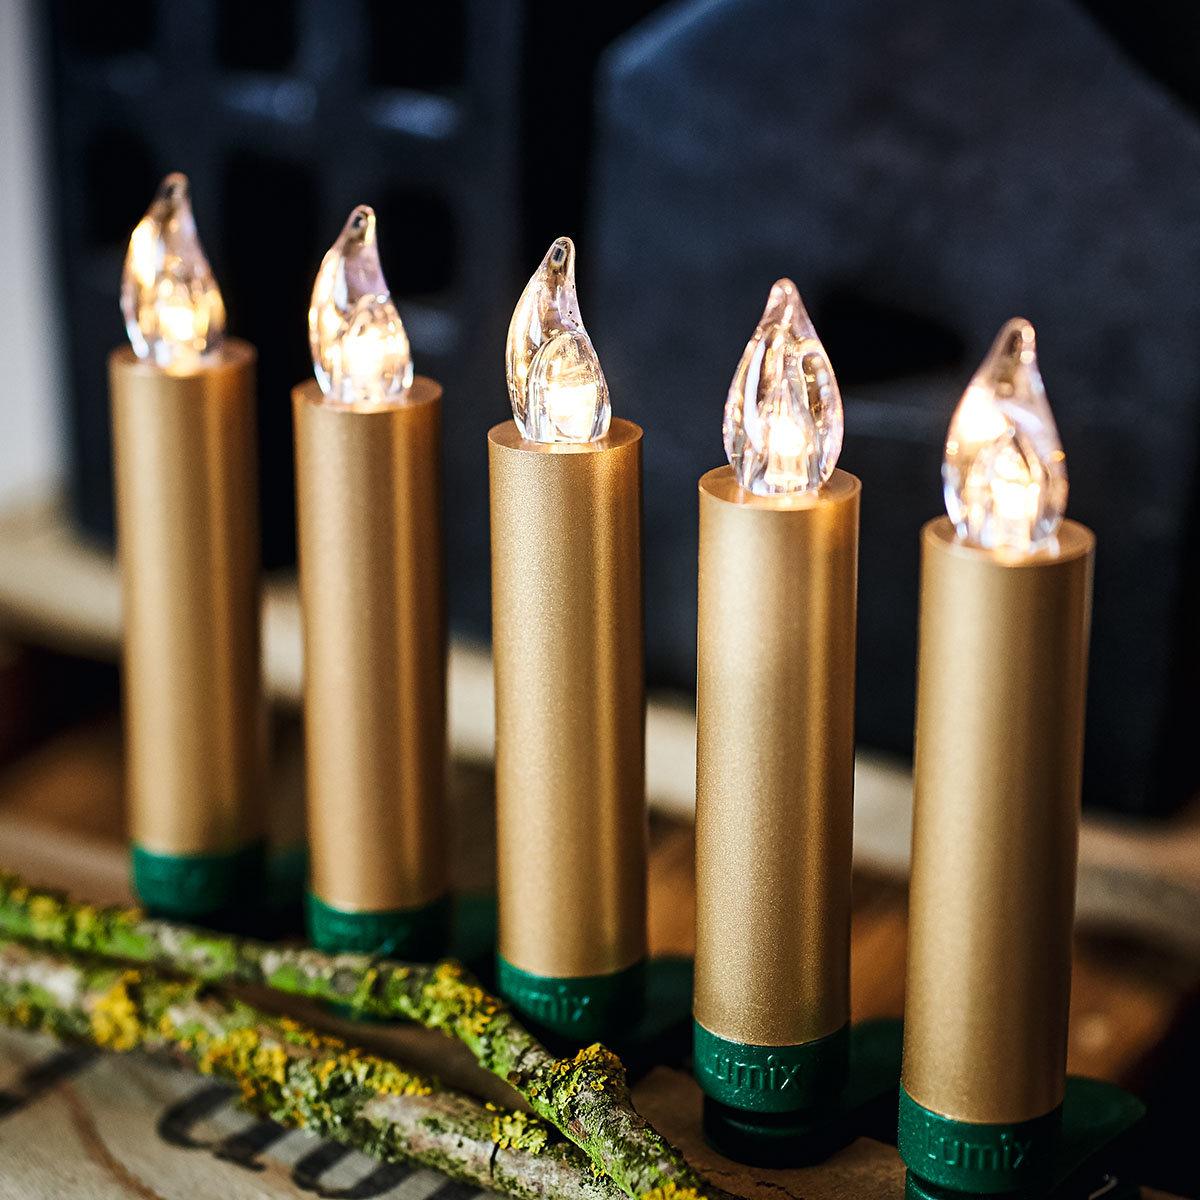 Christbaumkerzen SuperLight Mini Flame, 12er Basis-Set, gold